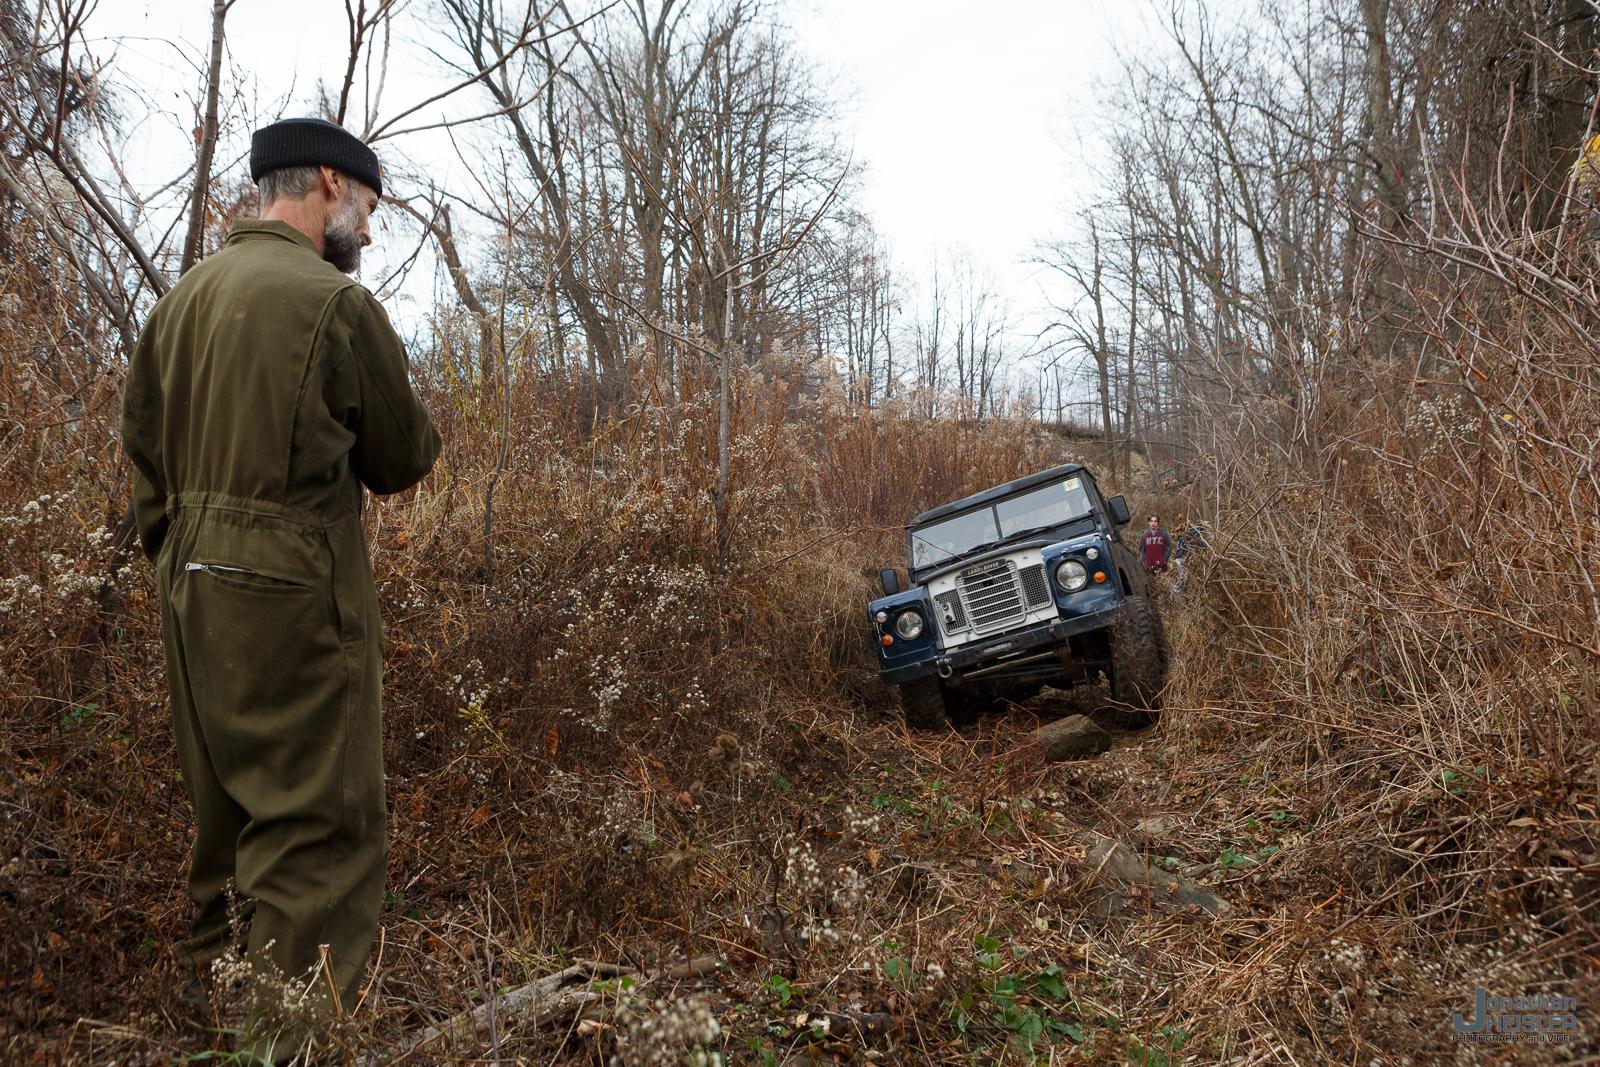 Guy Fawkes Land Rover_ Land Rover Defender __ Jonathan Heisler _ Jonathan Heisler Photography024.jpg